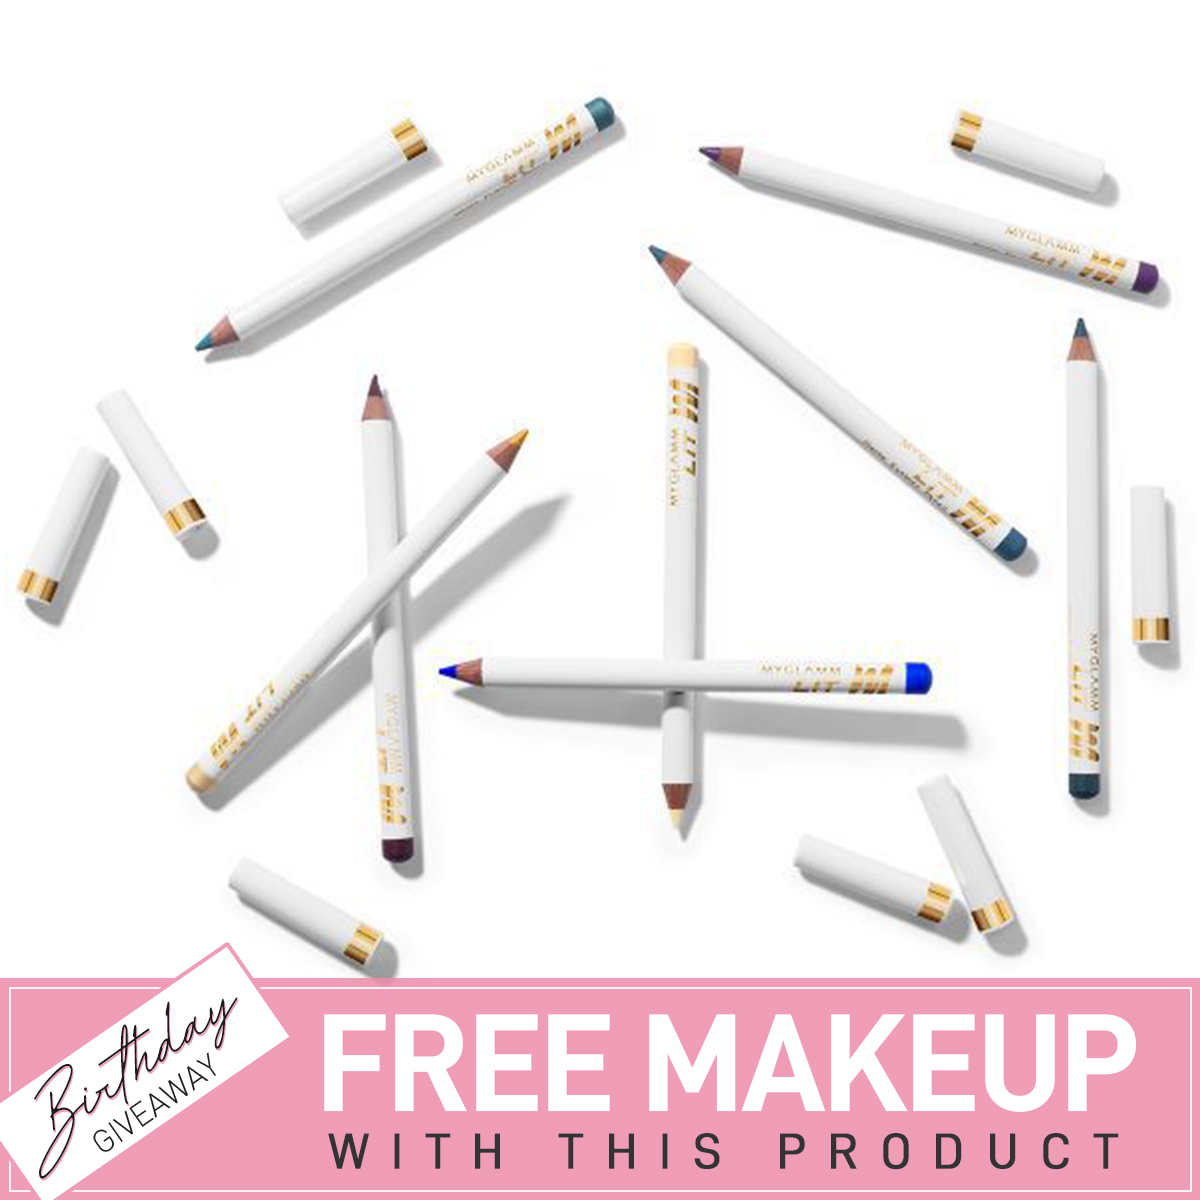 lit-eyeliner-pencils